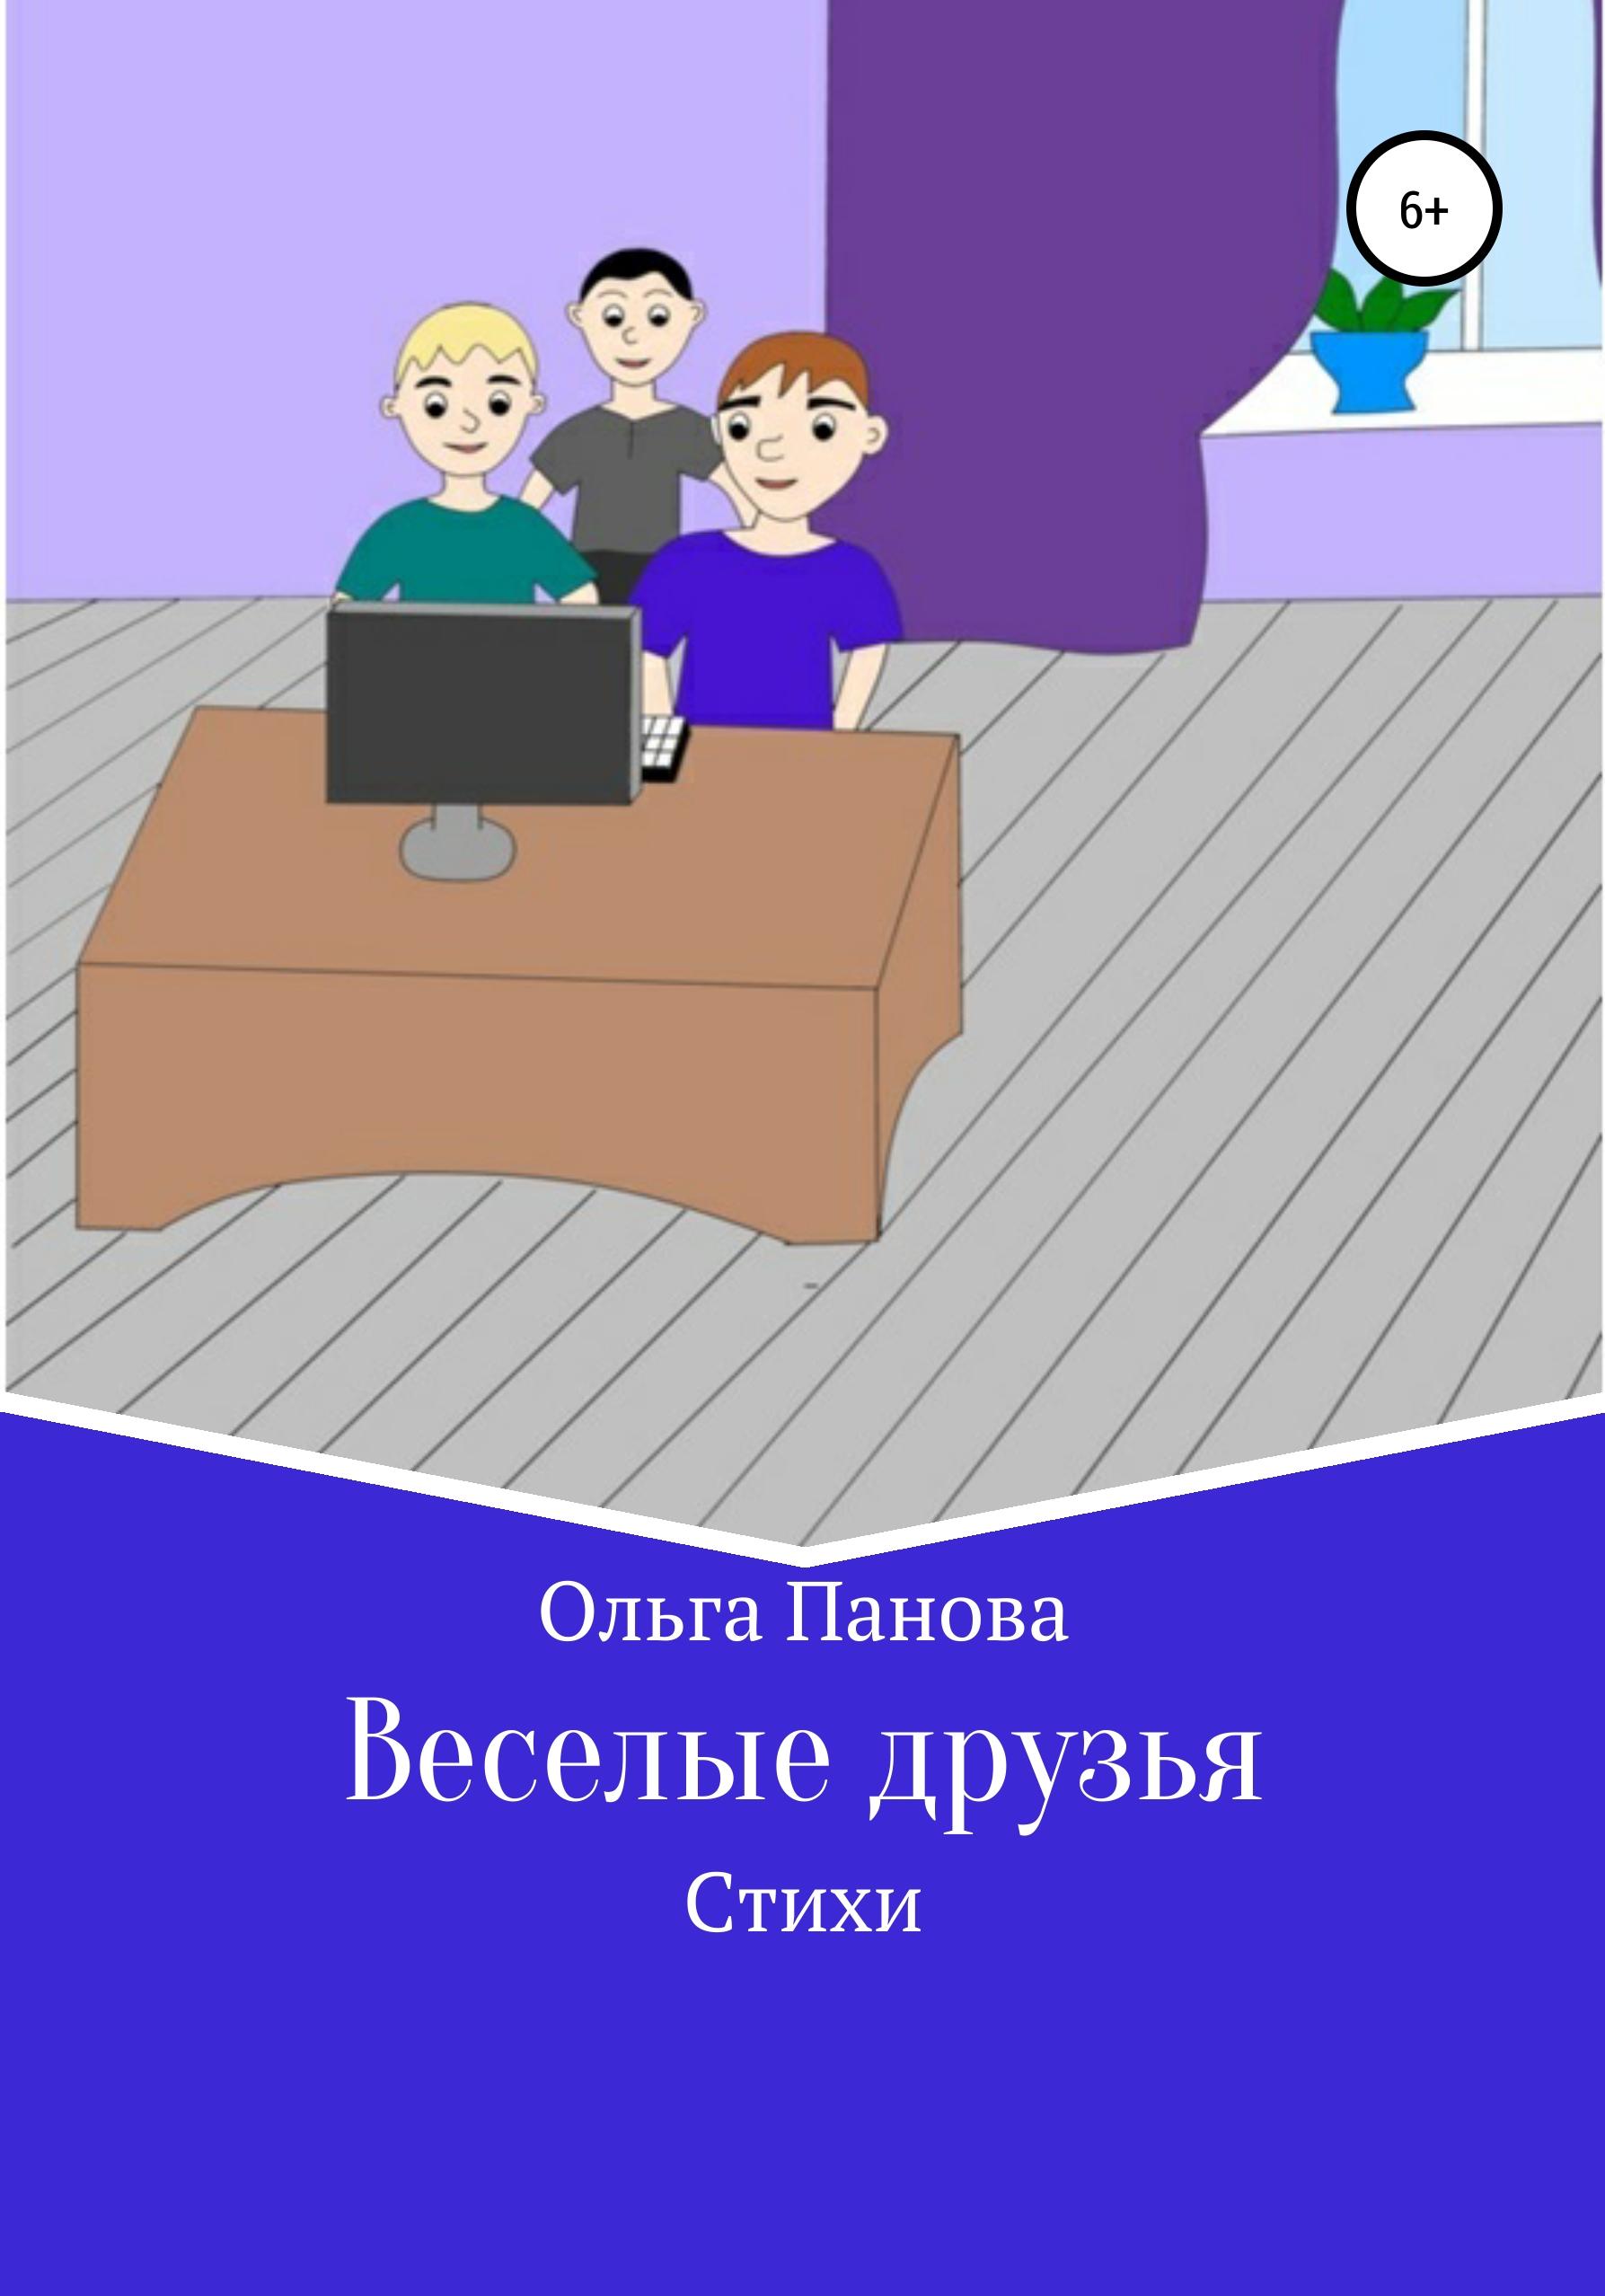 Ольга Панова Веселые друзья